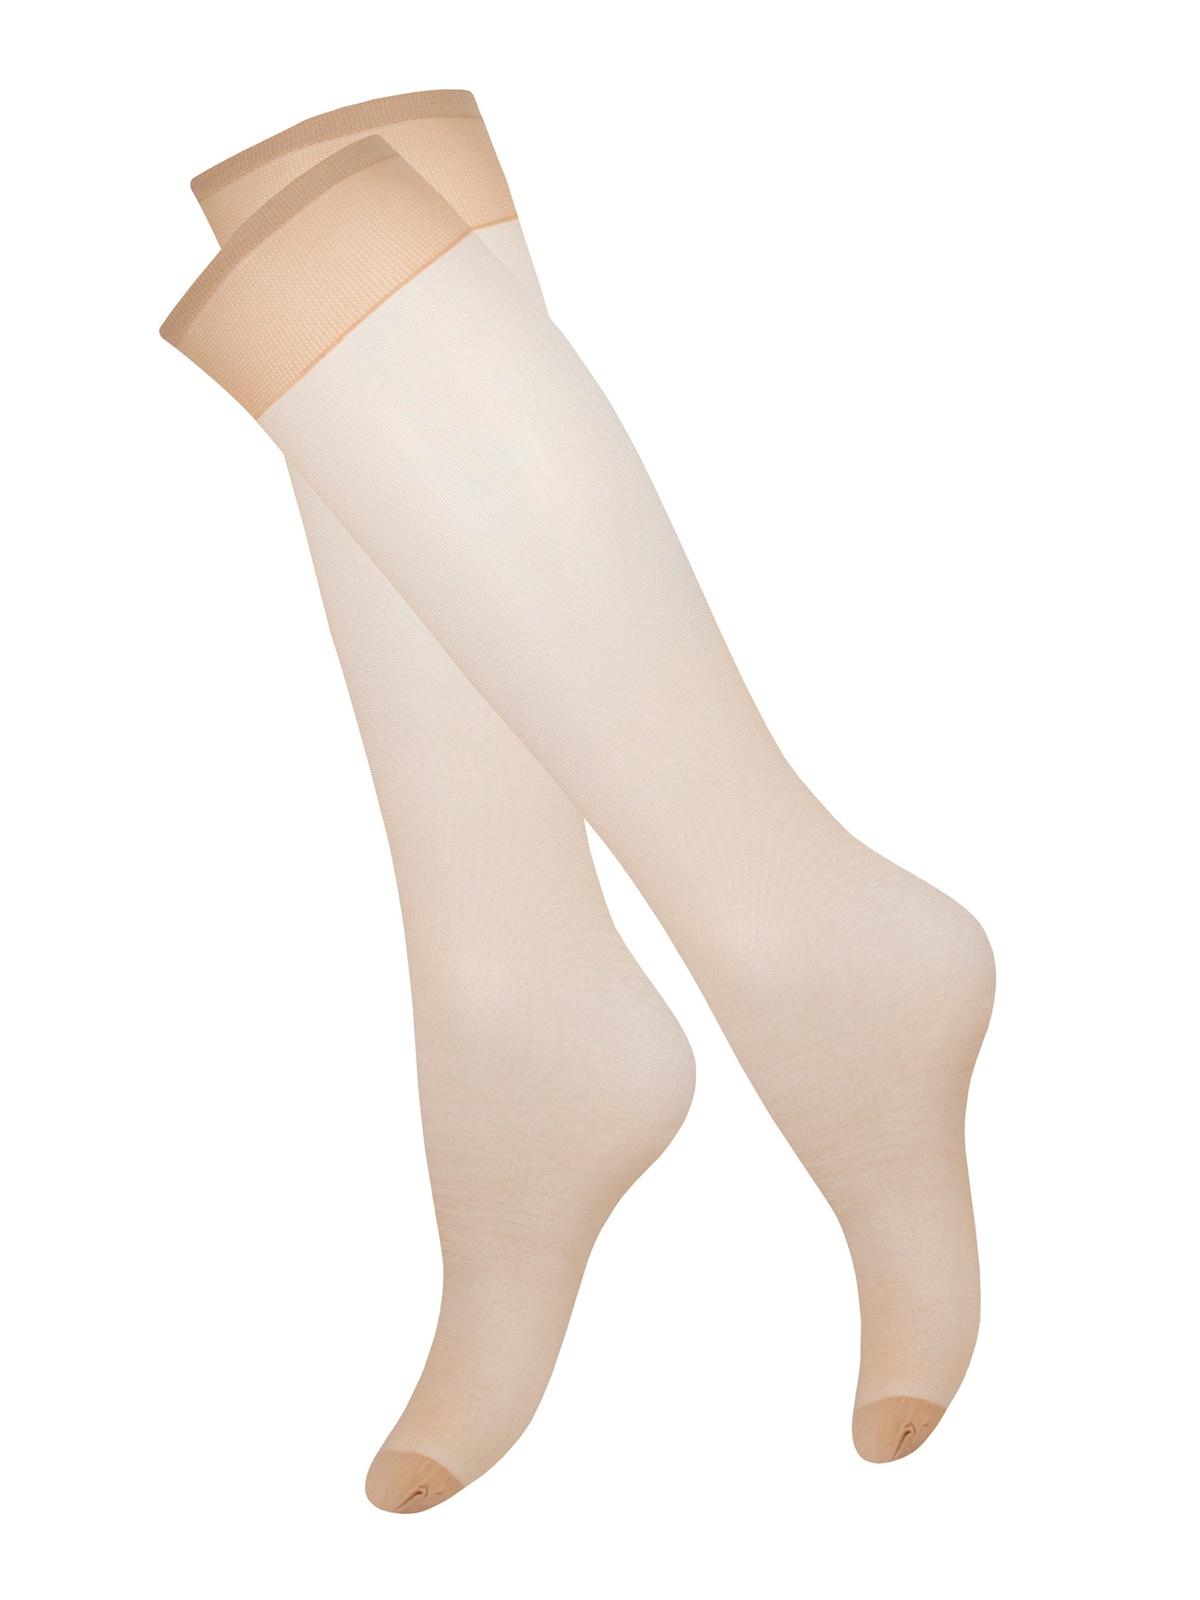 Гольфы Mademoiselle гольфы женские glamour daily 40 цвет miele телесный 2 пары 25812 размер универсальный